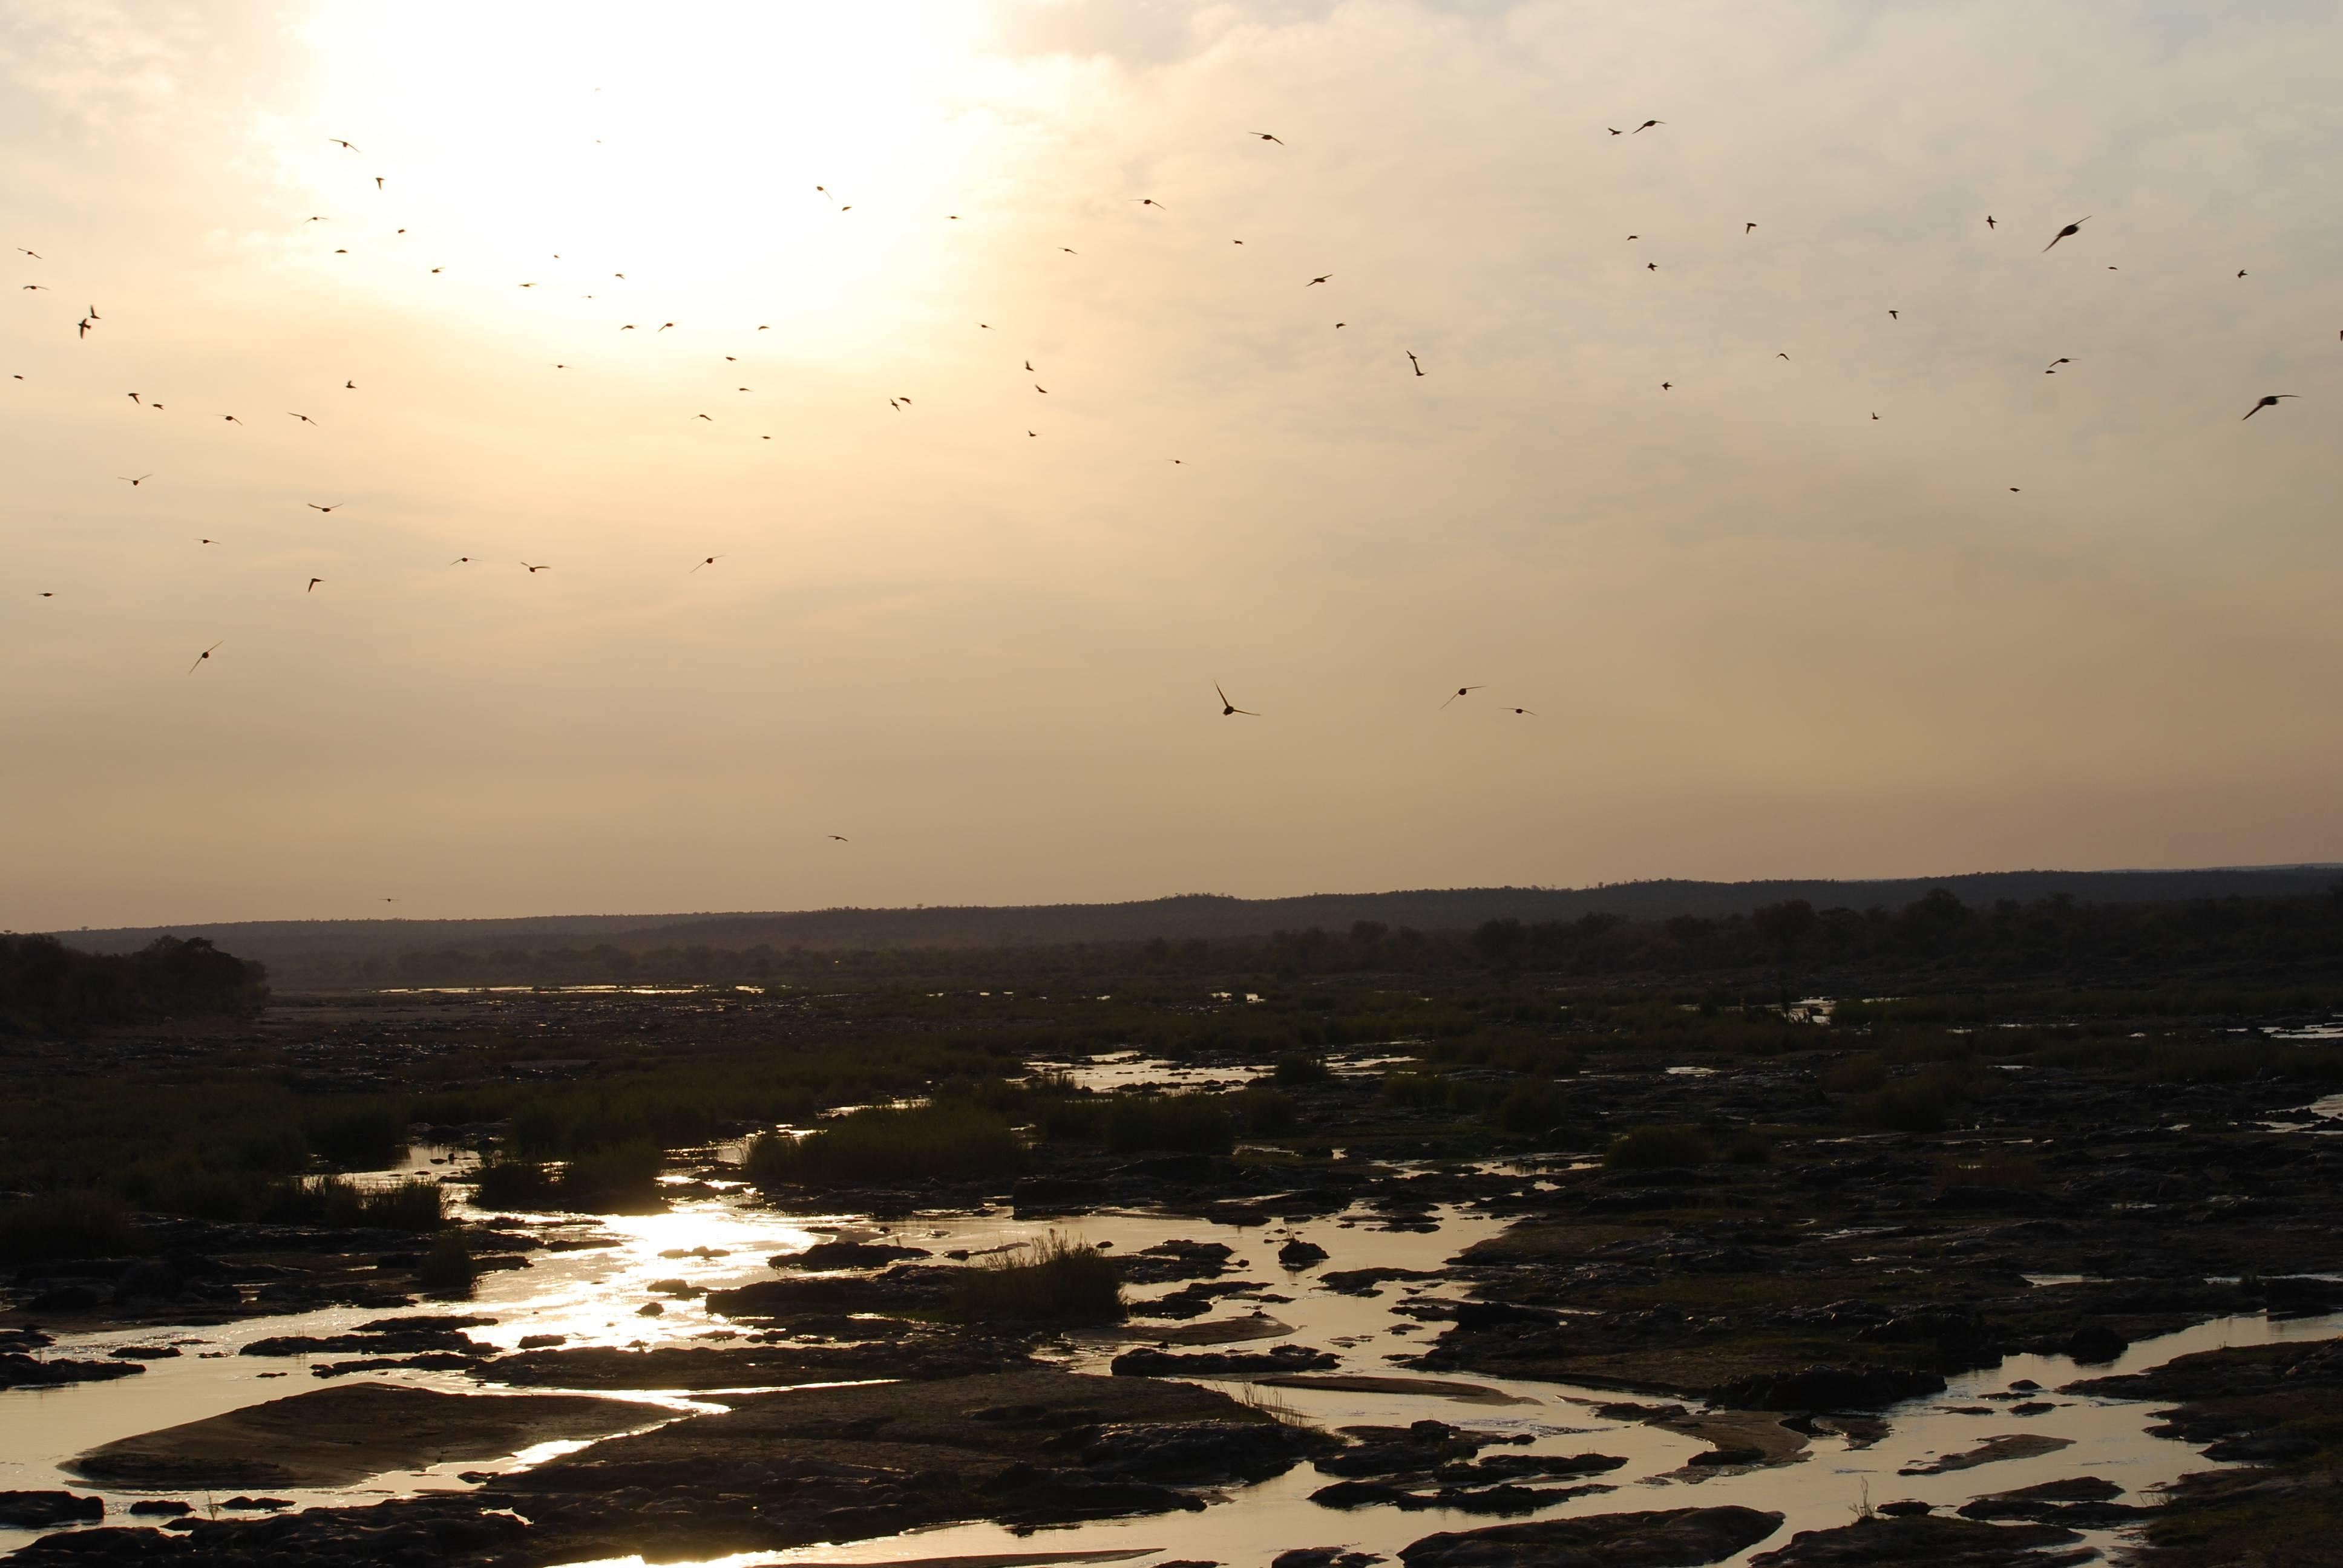 Photo 1: Olifants, un des meilleurs herbergements de Kruger !